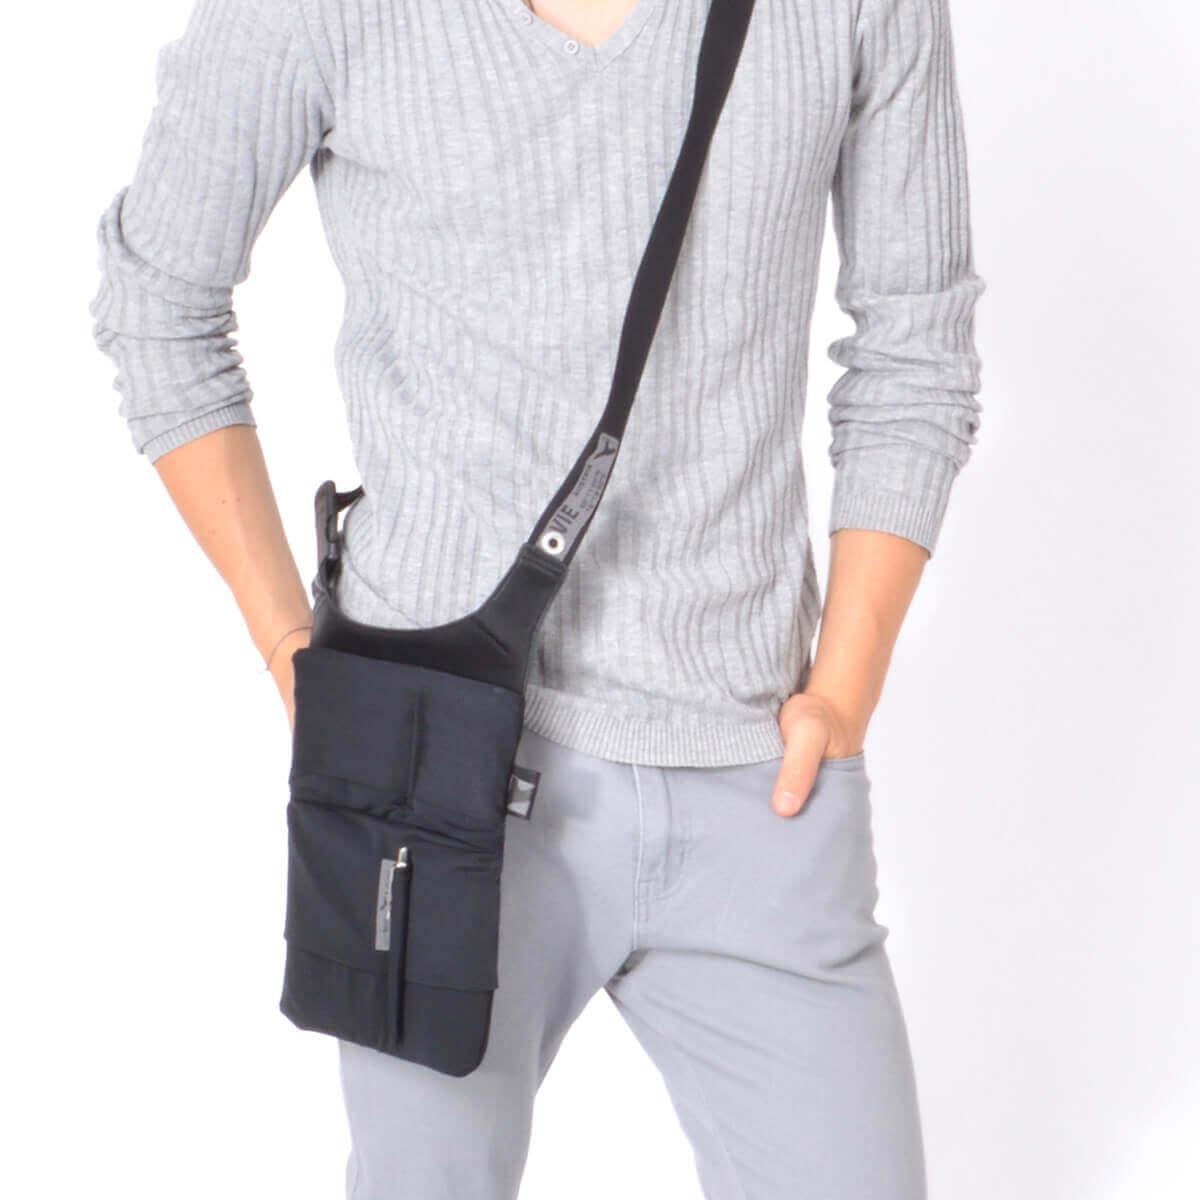 tablet sling bag Stylish shoulder tablet and smartphone bag URBAN TOOL ® slotbar